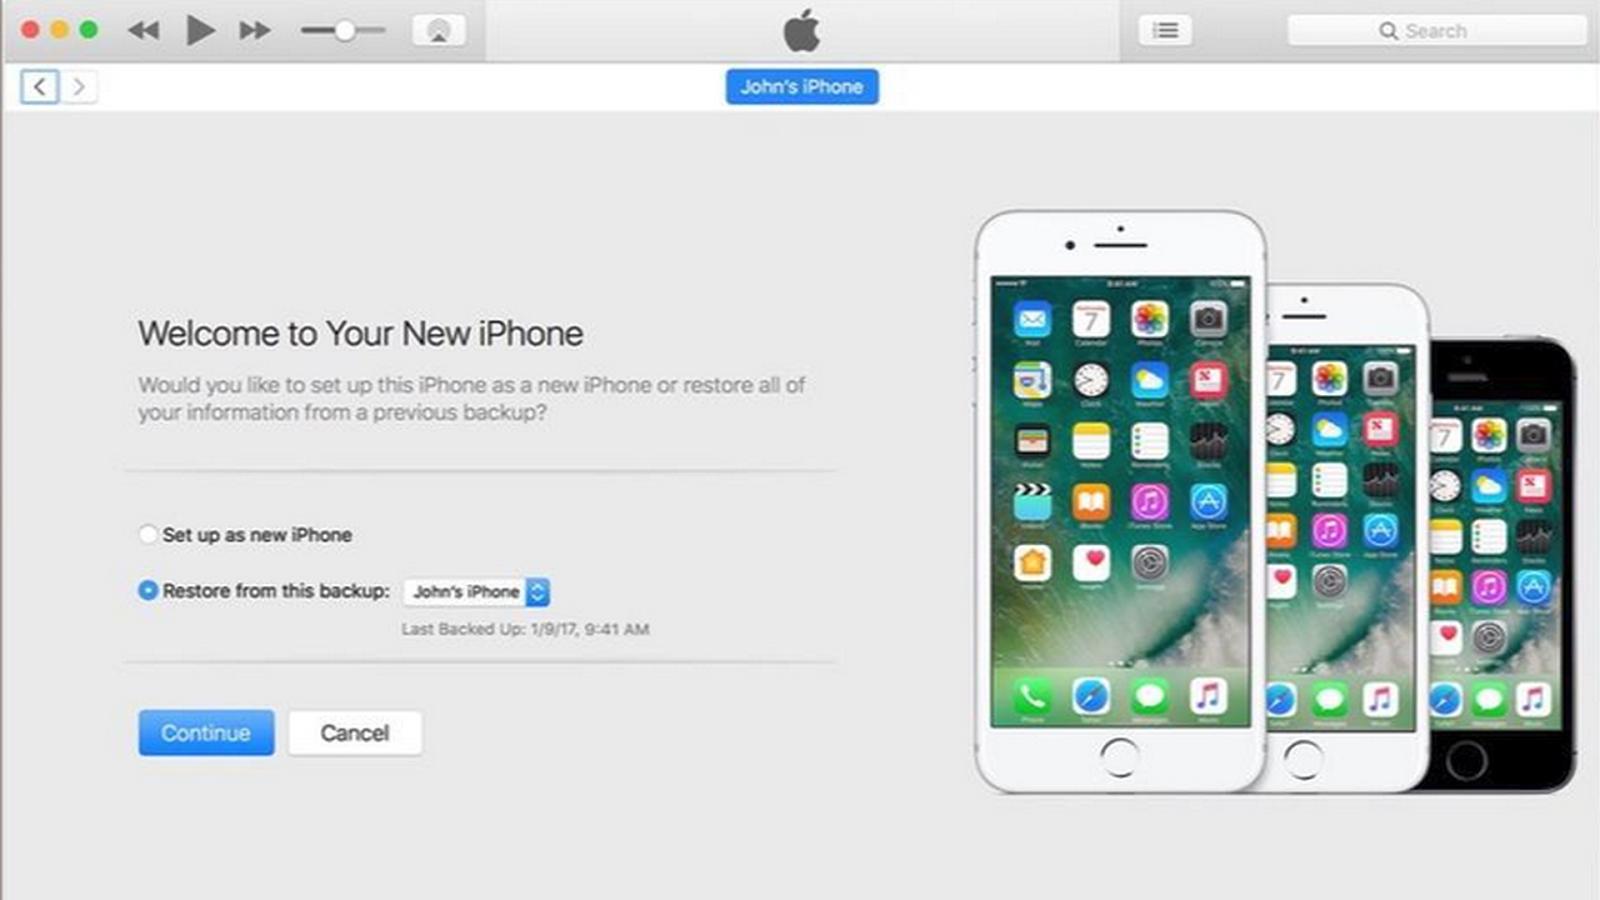 desbloquear icloud iphone 6s ios 10.3.1